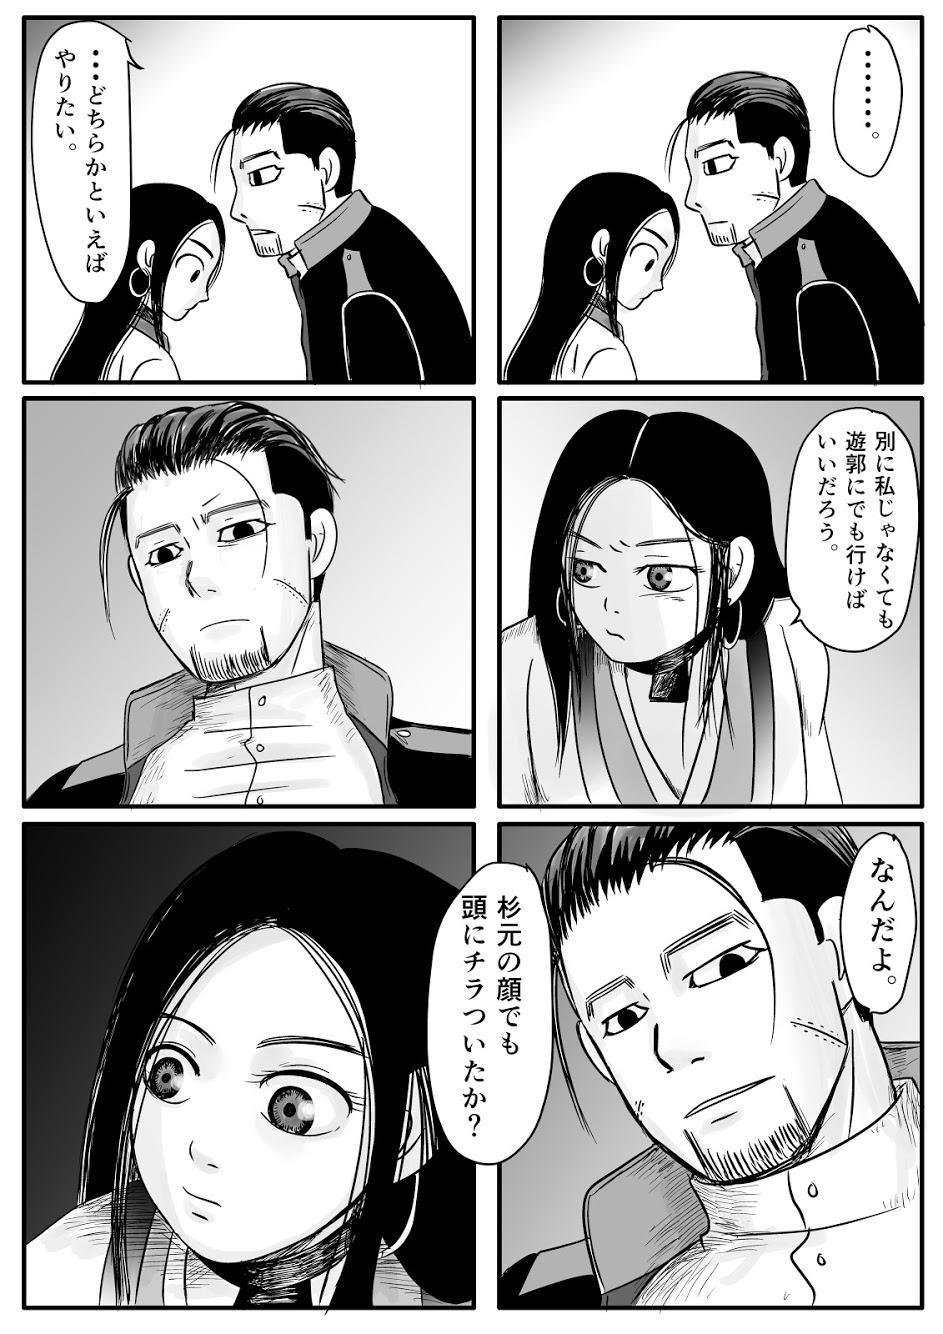 Toko no Koto 52